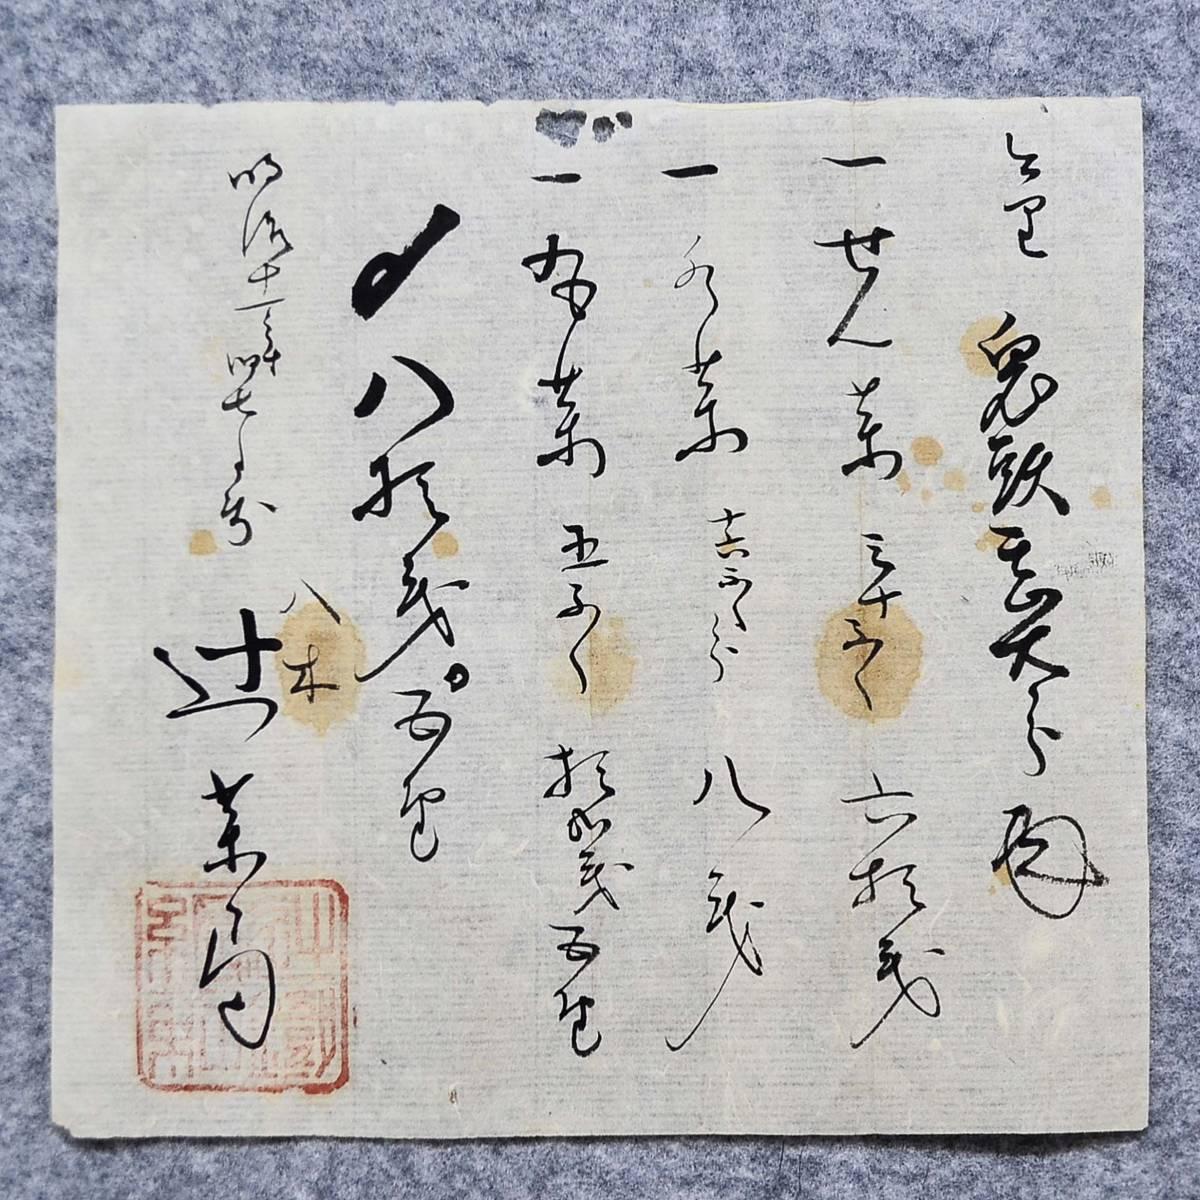 古文書 明治時代の領収書 辻薬局 (大和國)八木 奈良県_画像1